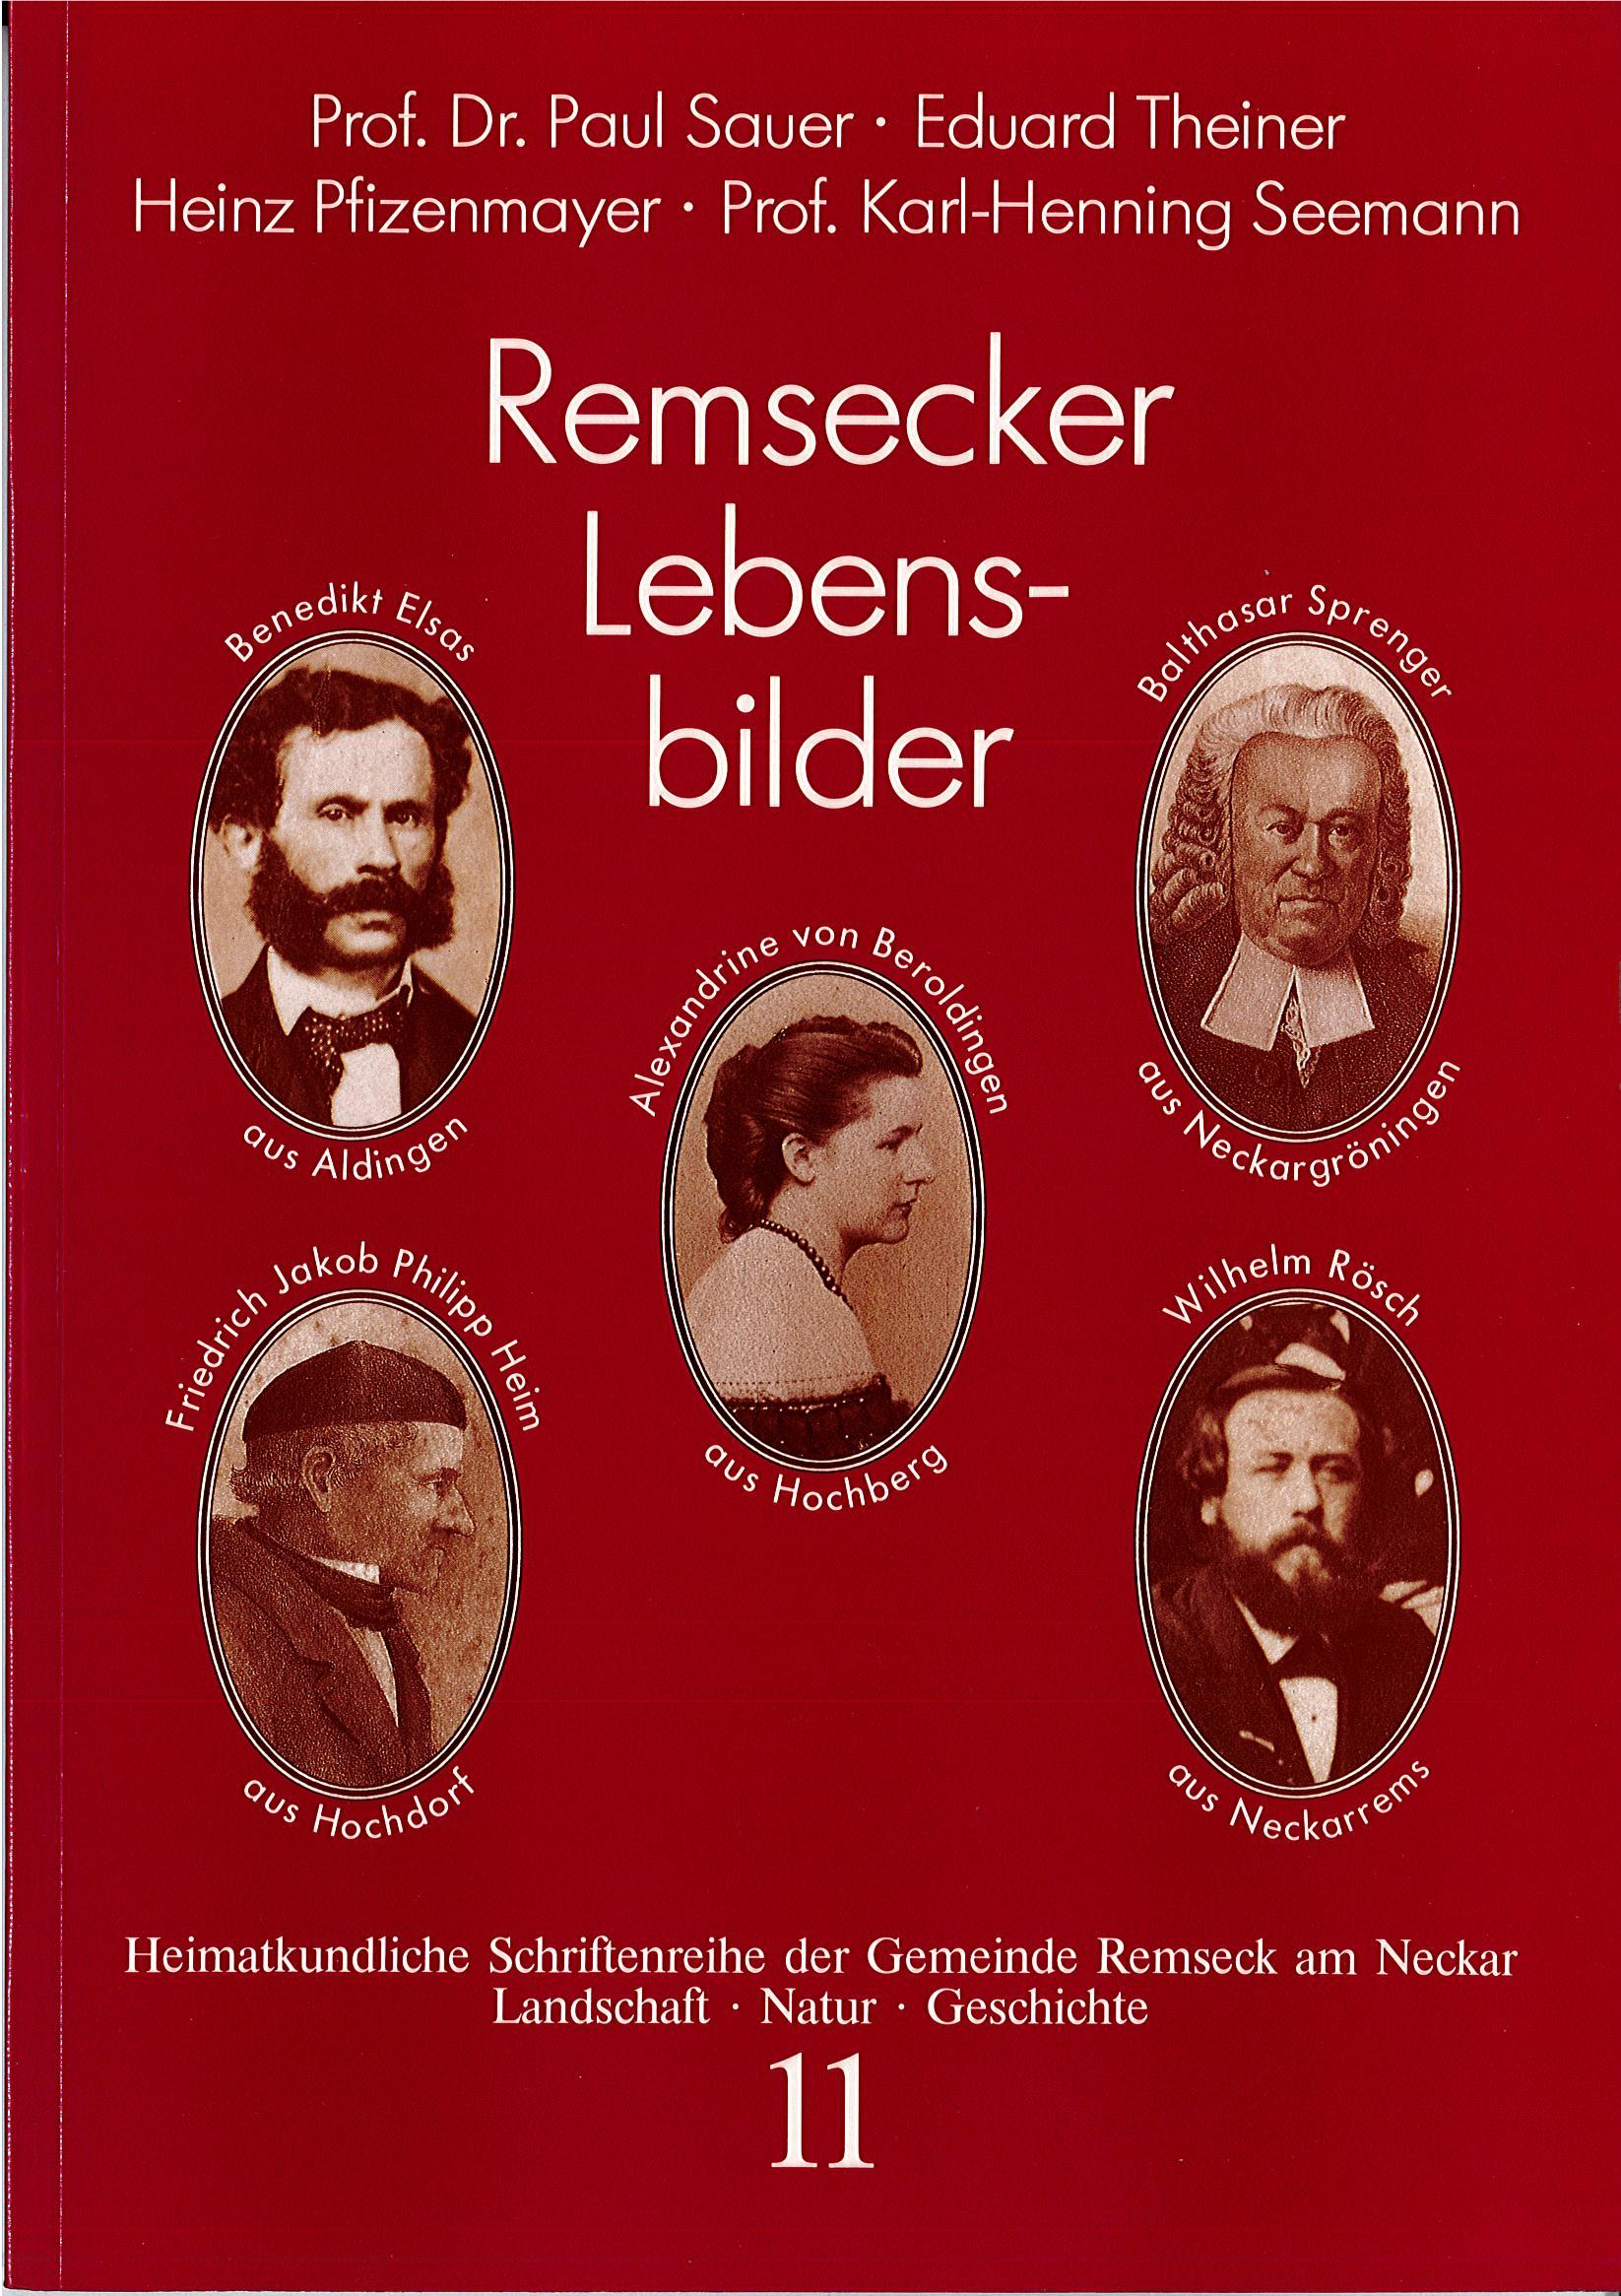 Prof. Dr. Paul Sauer/Eduard Theiner/Heinz Pfizenmayer/Prof. Karl-Henning: Seemann Remsecker Lebensbilder (Heimatkundliche Schriftenreihe, Band 11)